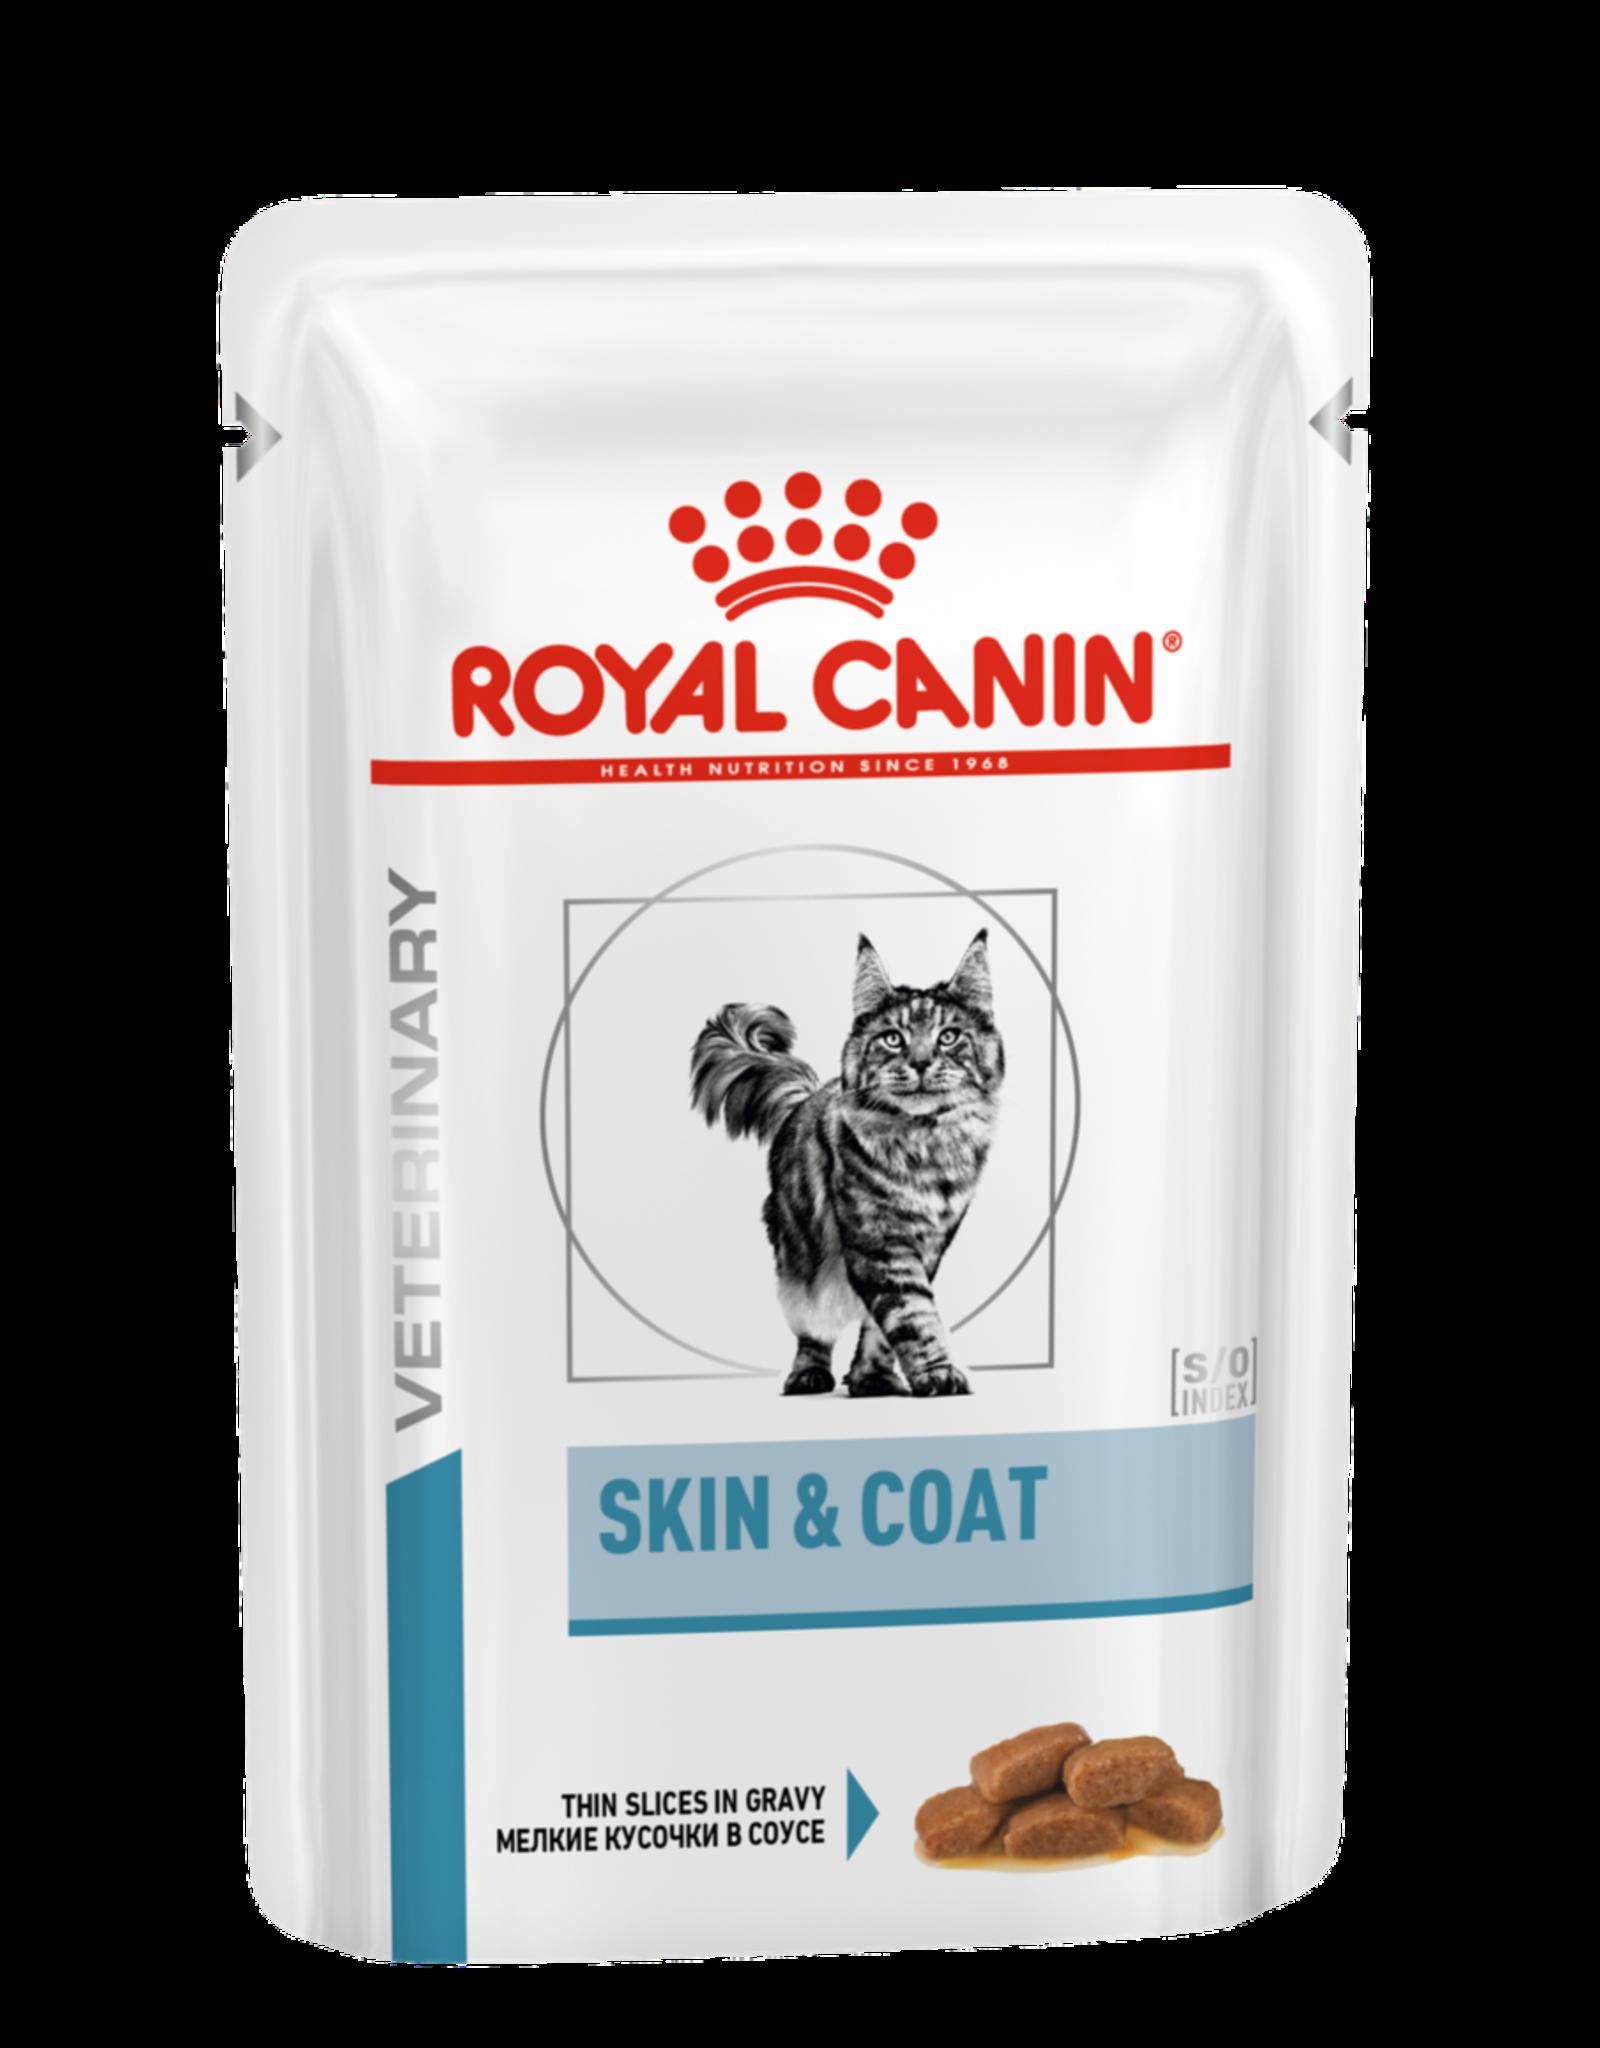 Royal Canin Royal Canin Skin & Coat  Cat 12x85g